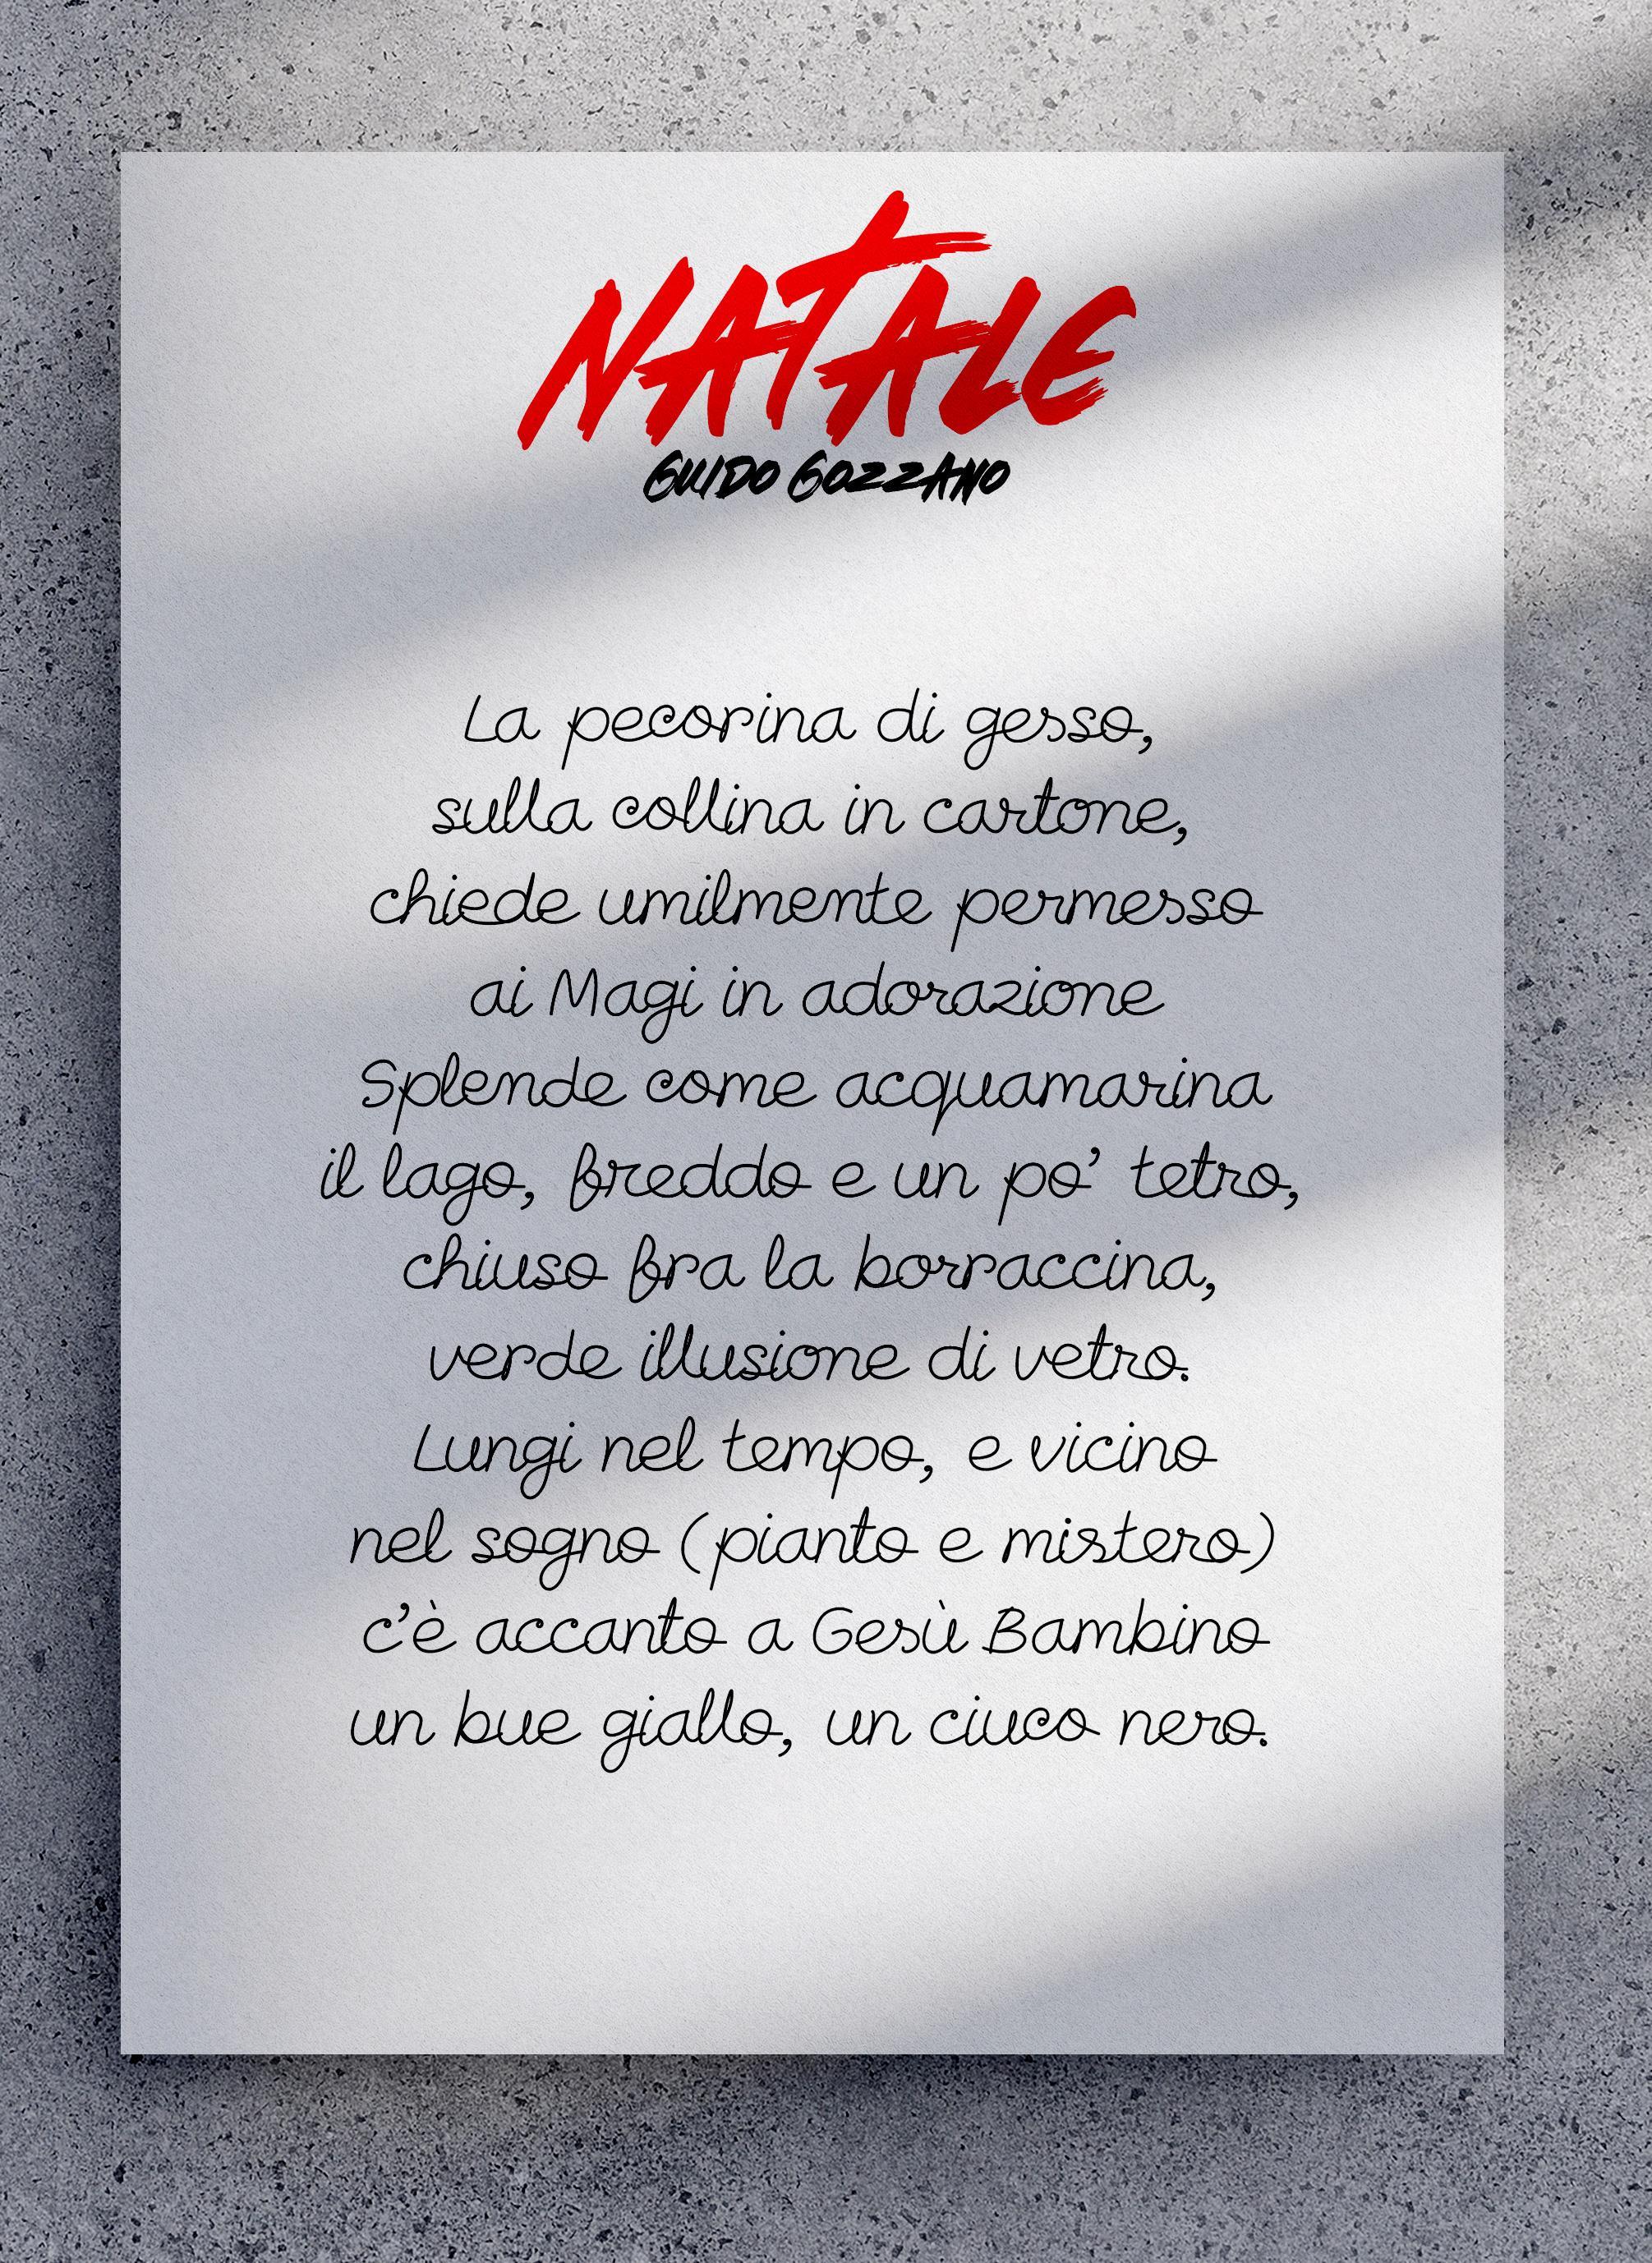 Guido Gozzano la poesia di Natale